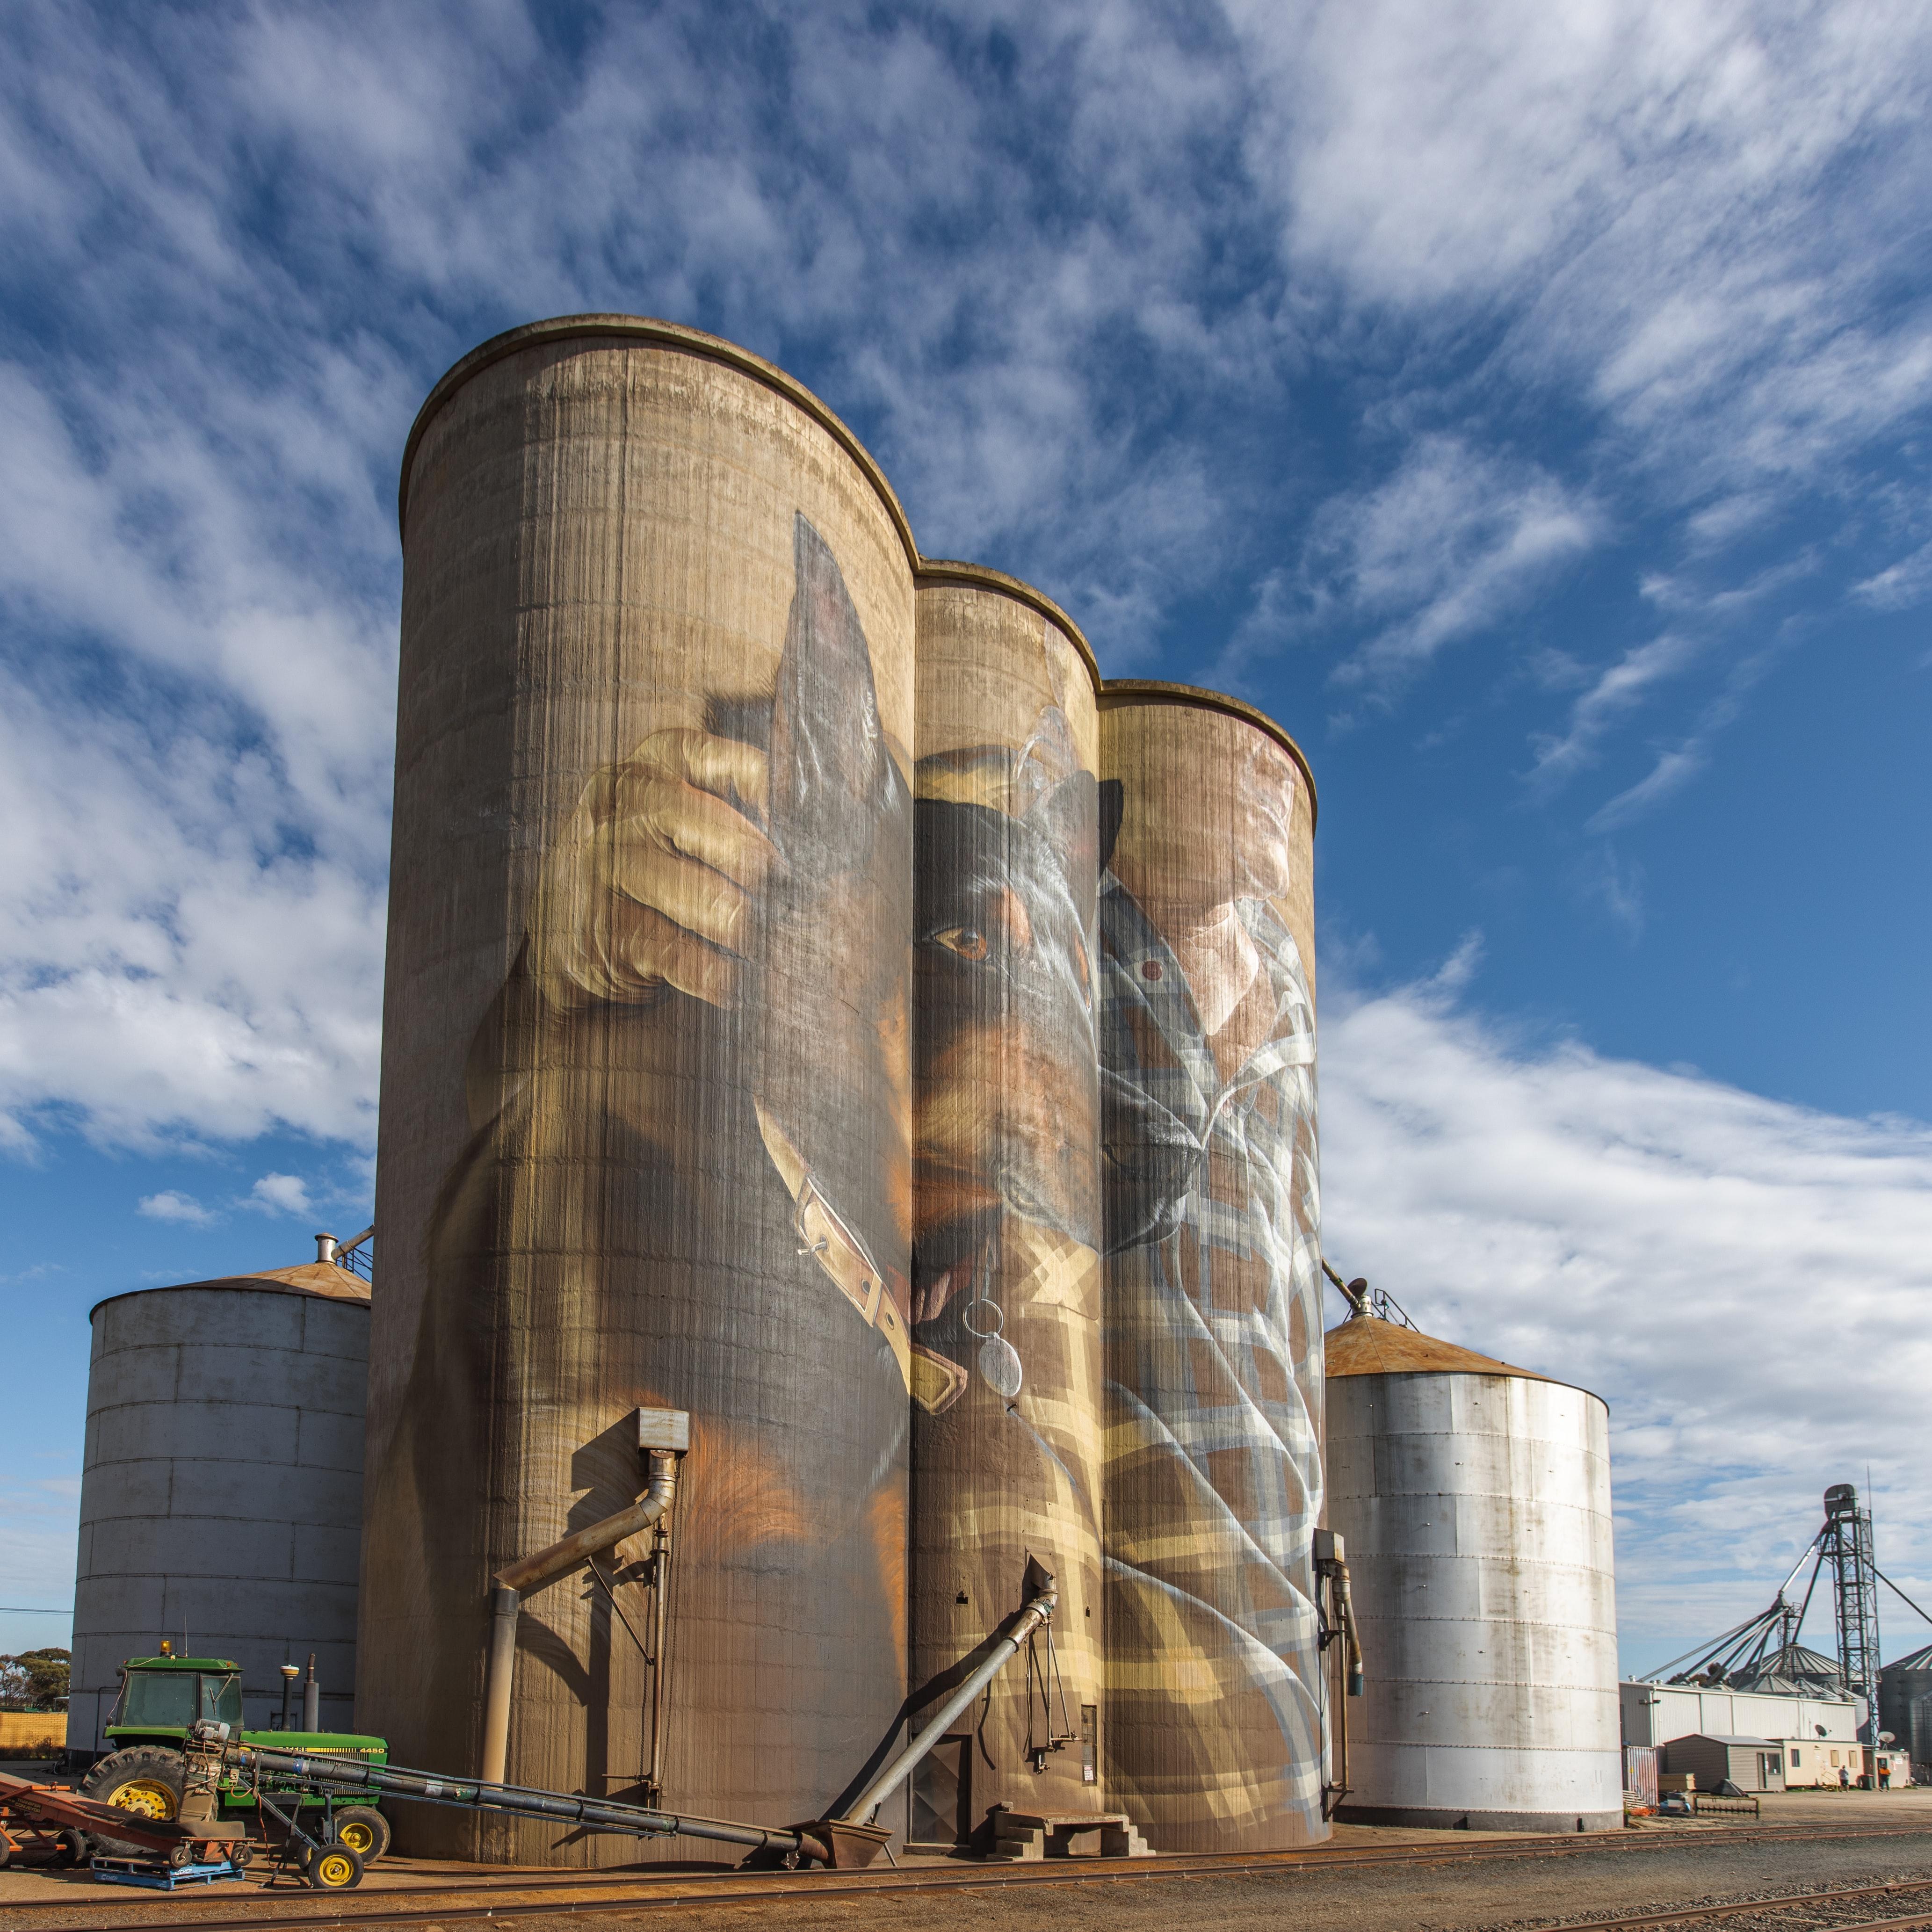 Six Food Plant Workers Dead After Nitrogen Leak